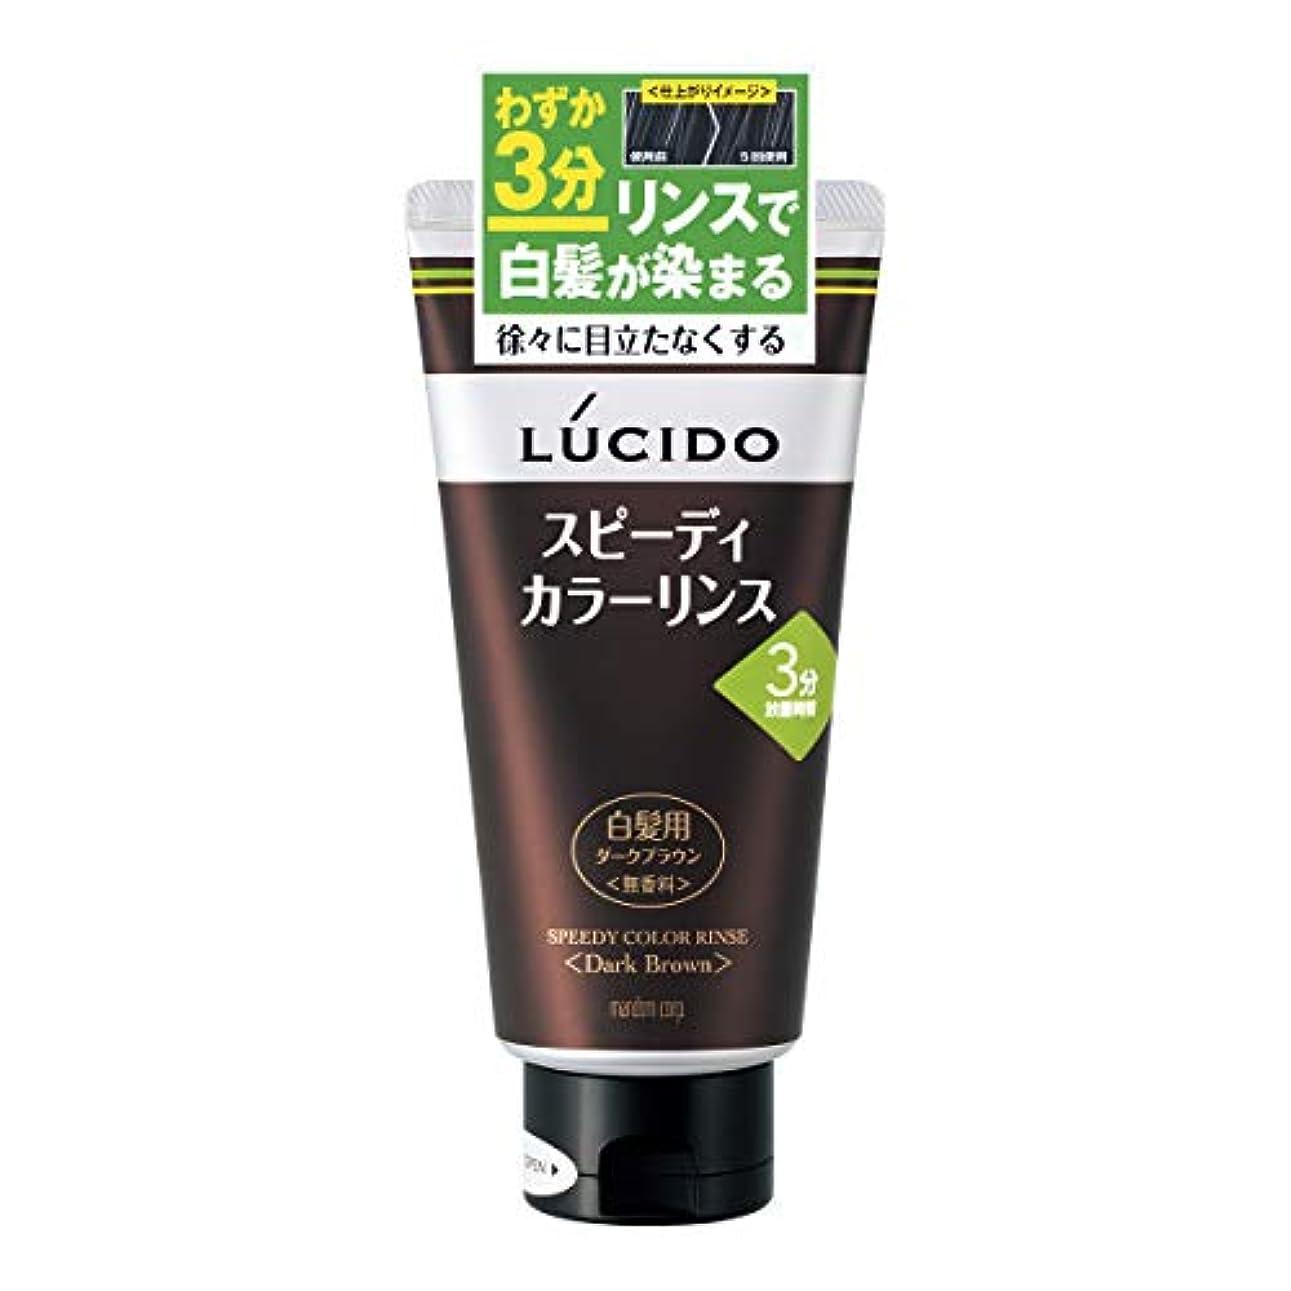 同情冷蔵する一目LUCIDO(ルシード) スピーディカラーリンス ダークブラウン 160g リンスで簡単白髪染め